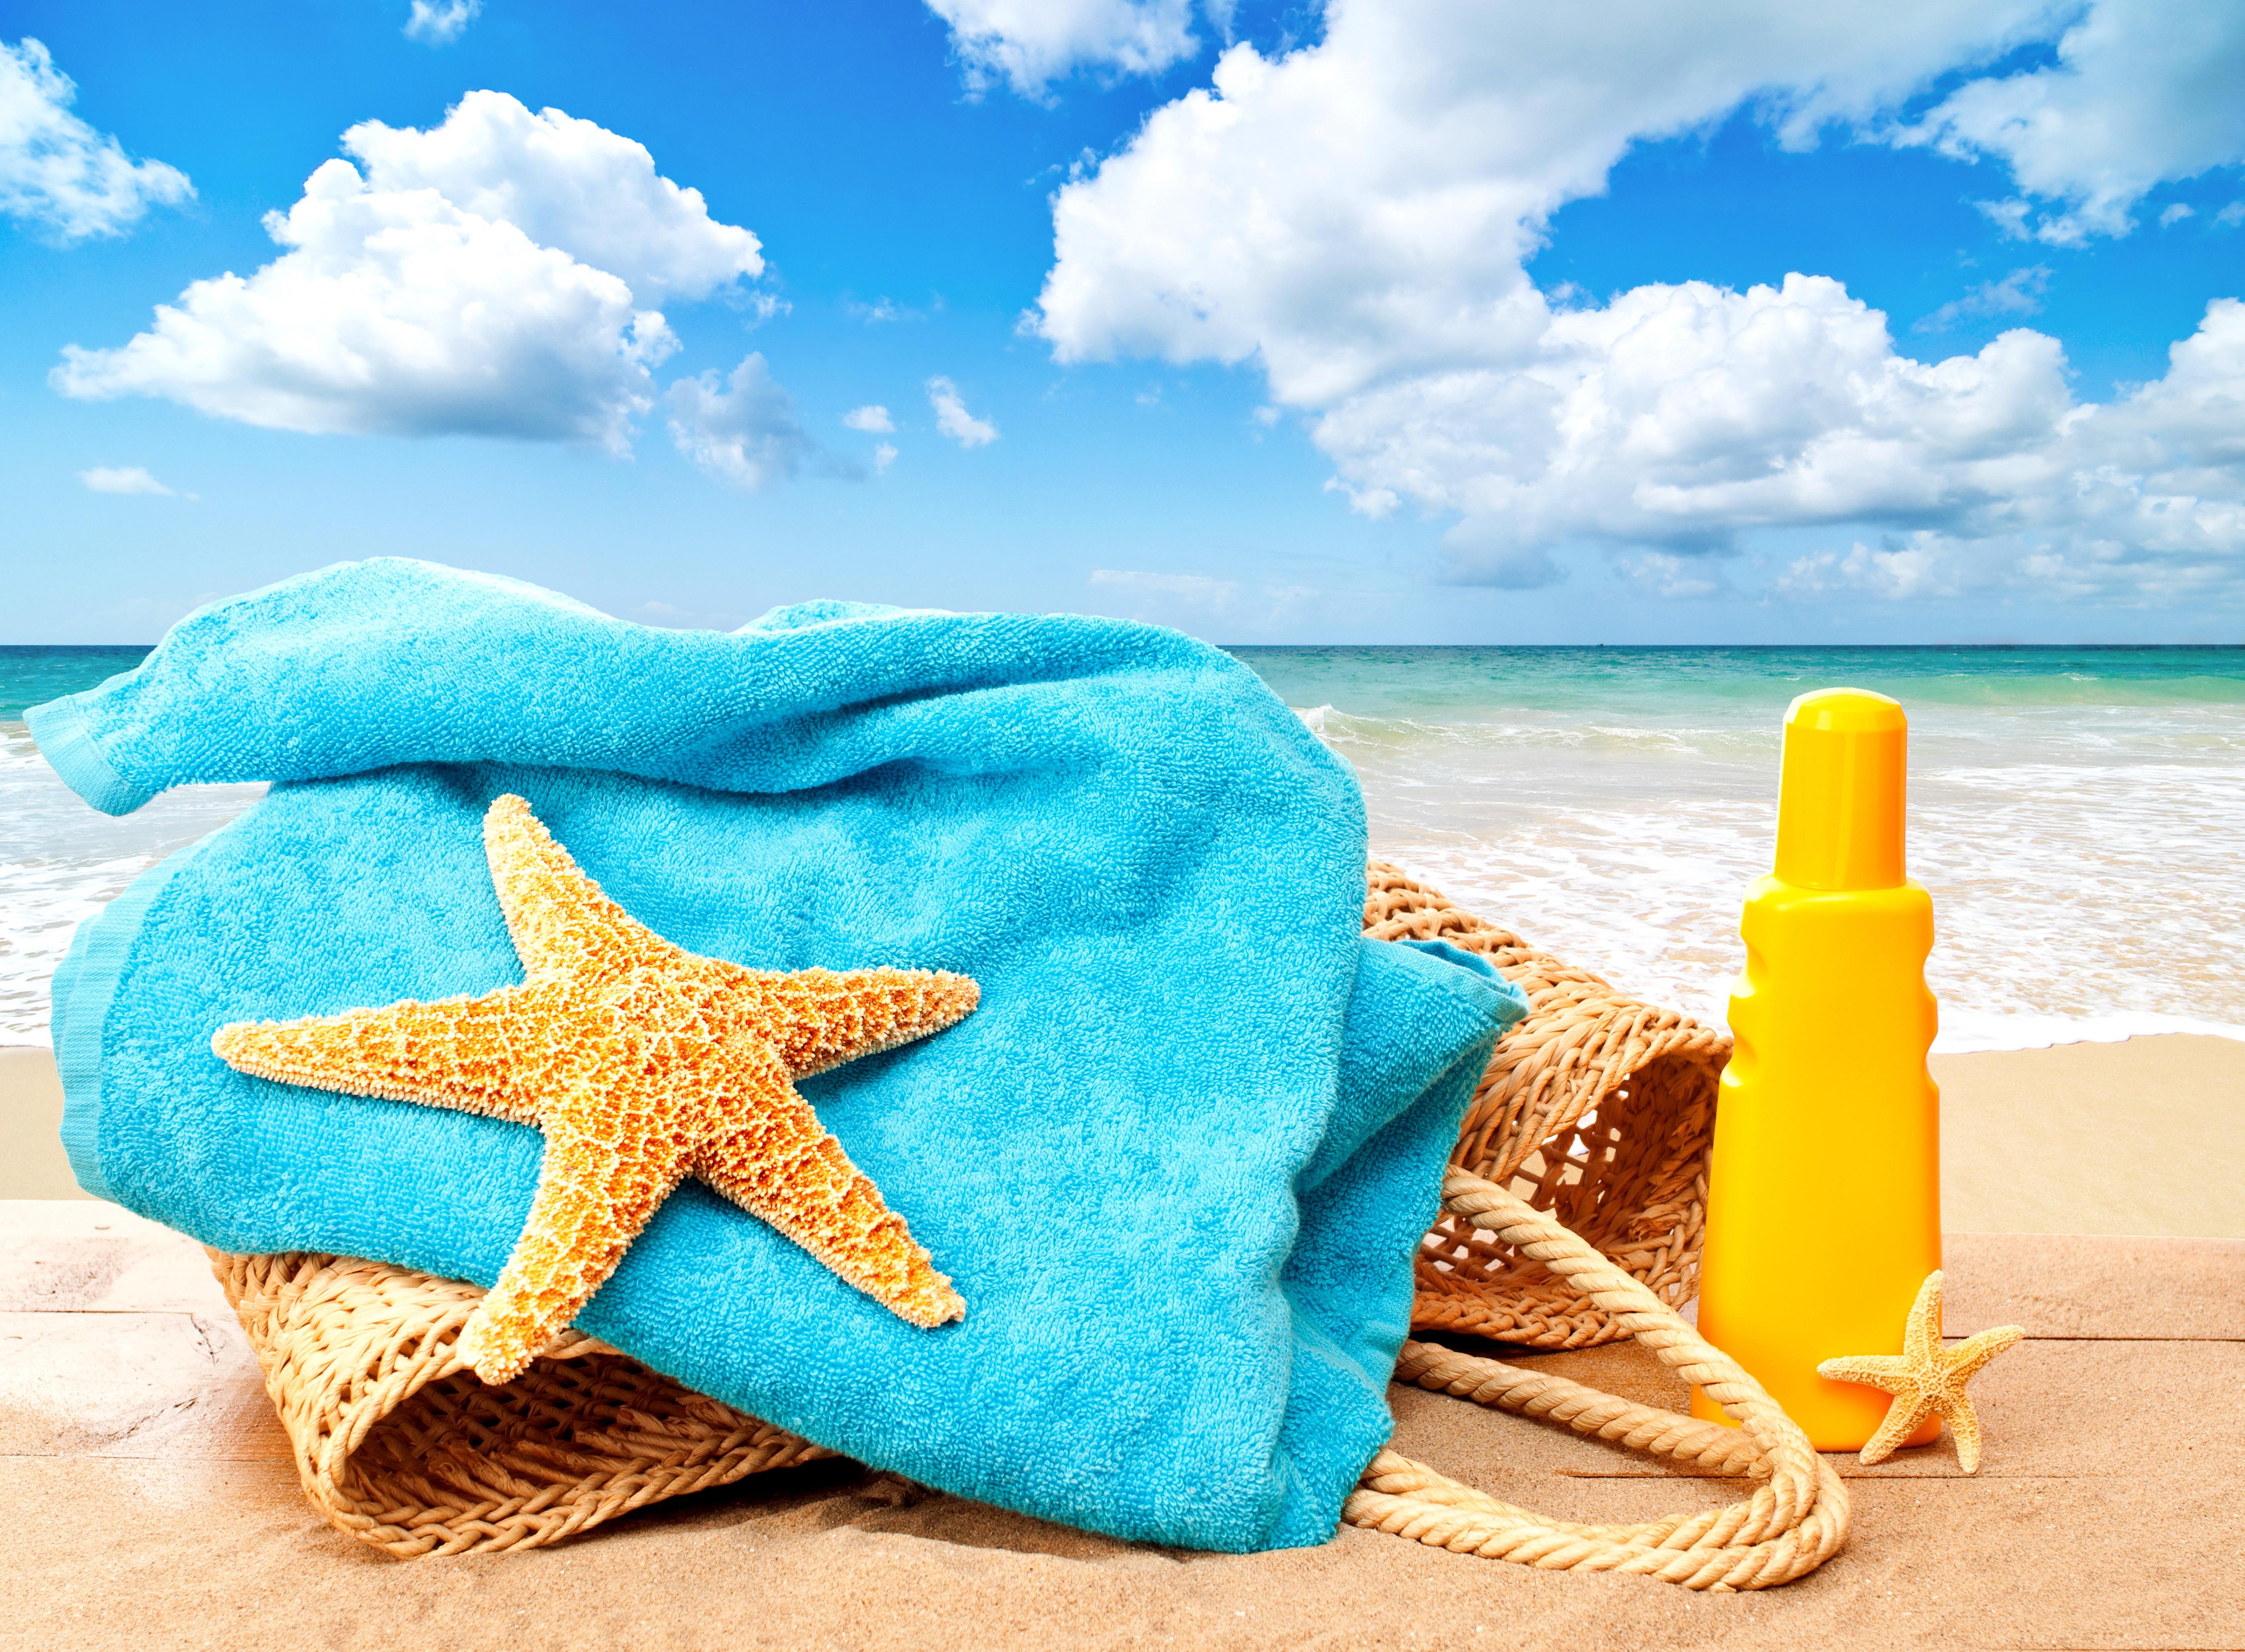 Открытки море солнце отдых